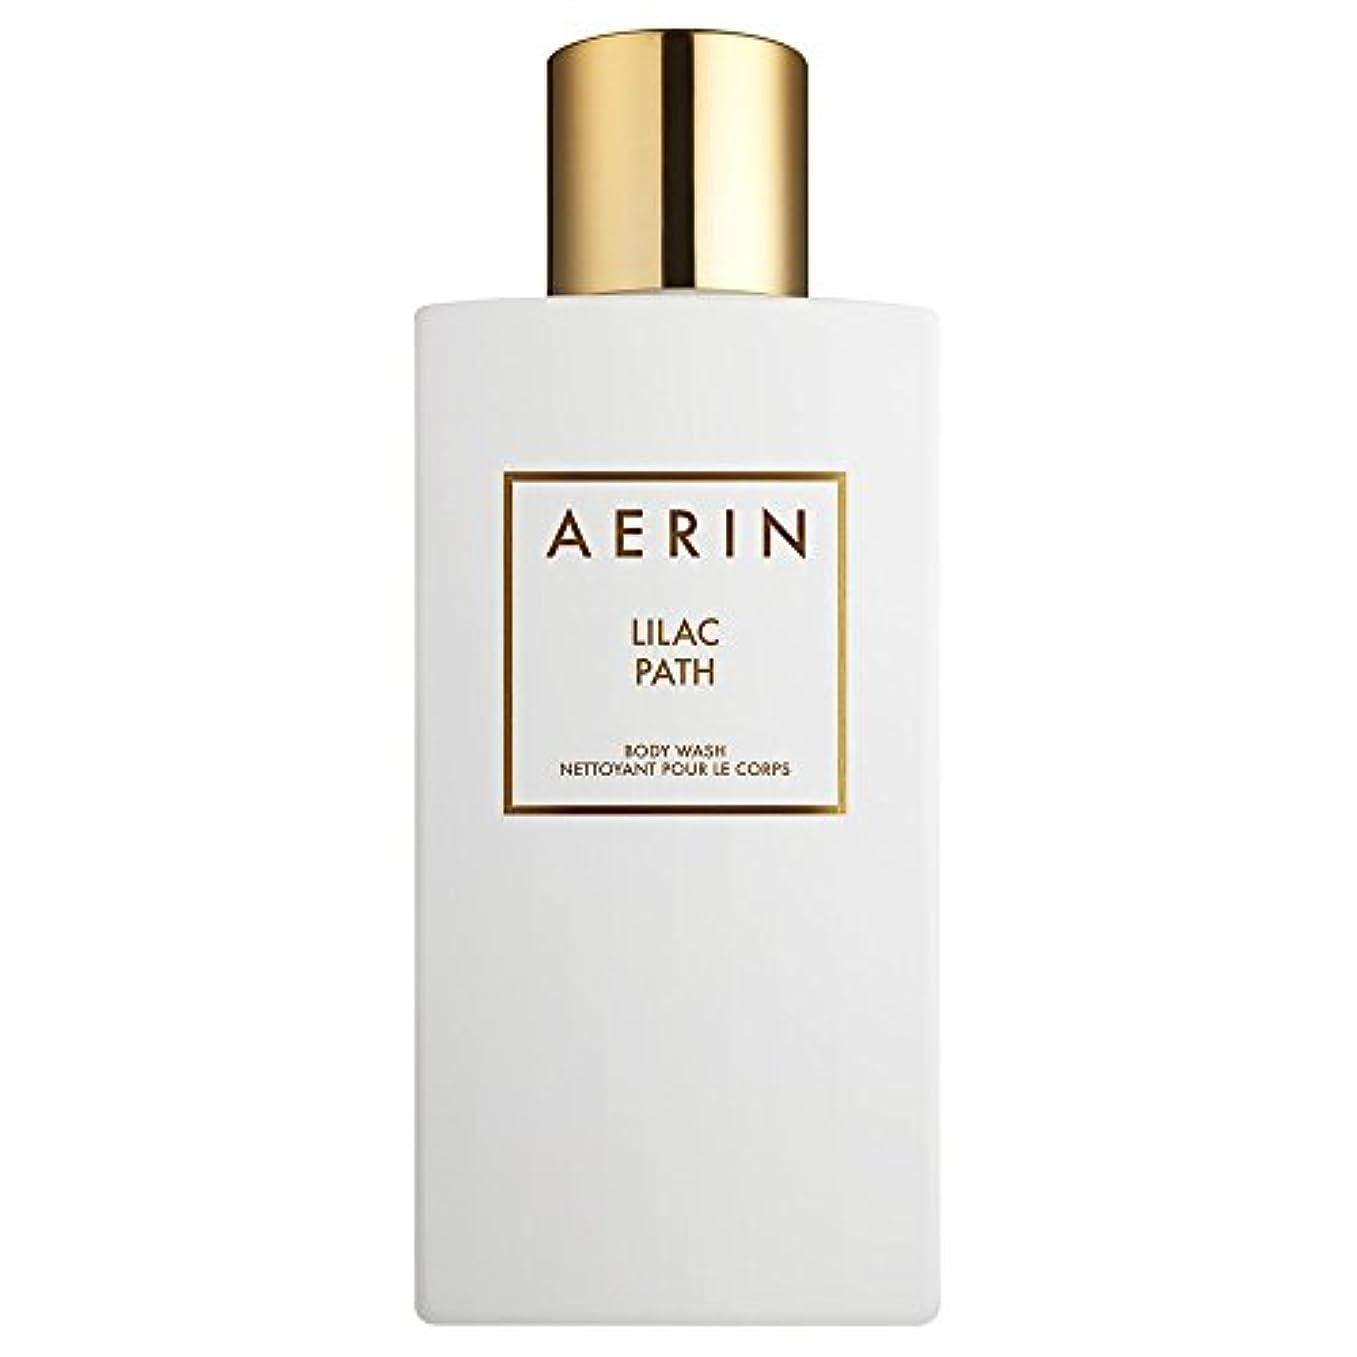 追い付く却下する時制Aerinライラックパスボディウォッシュ225ミリリットル (AERIN) (x2) - AERIN Lilac Path Bodywash 225ml (Pack of 2) [並行輸入品]